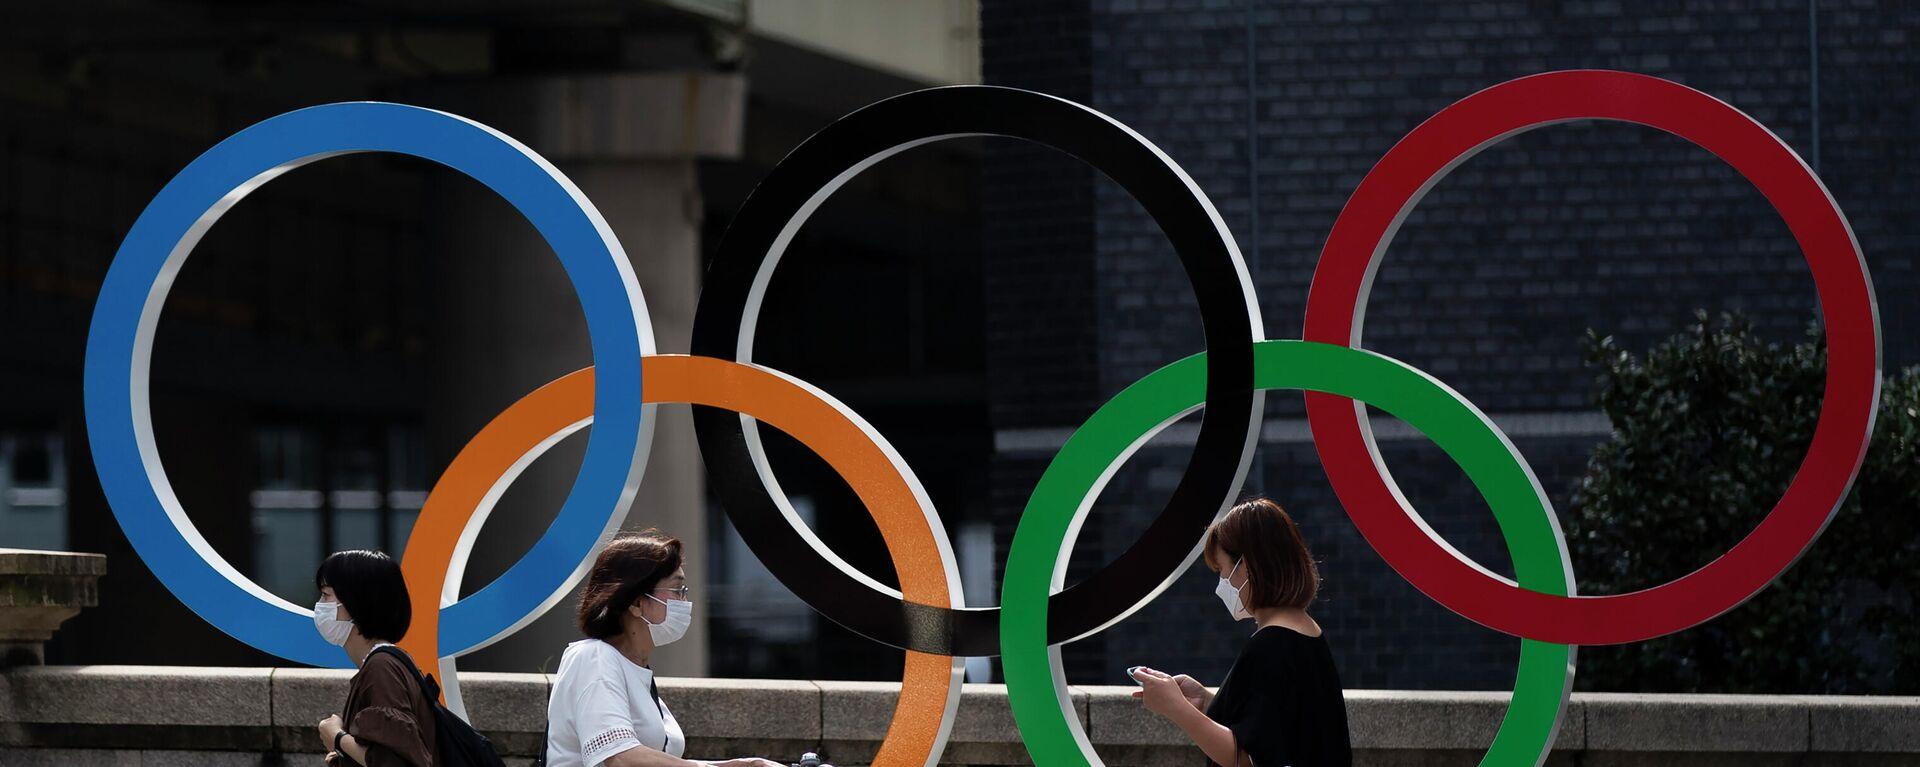 Олимпијске игре у Токију - Sputnik Србија, 1920, 30.07.2021